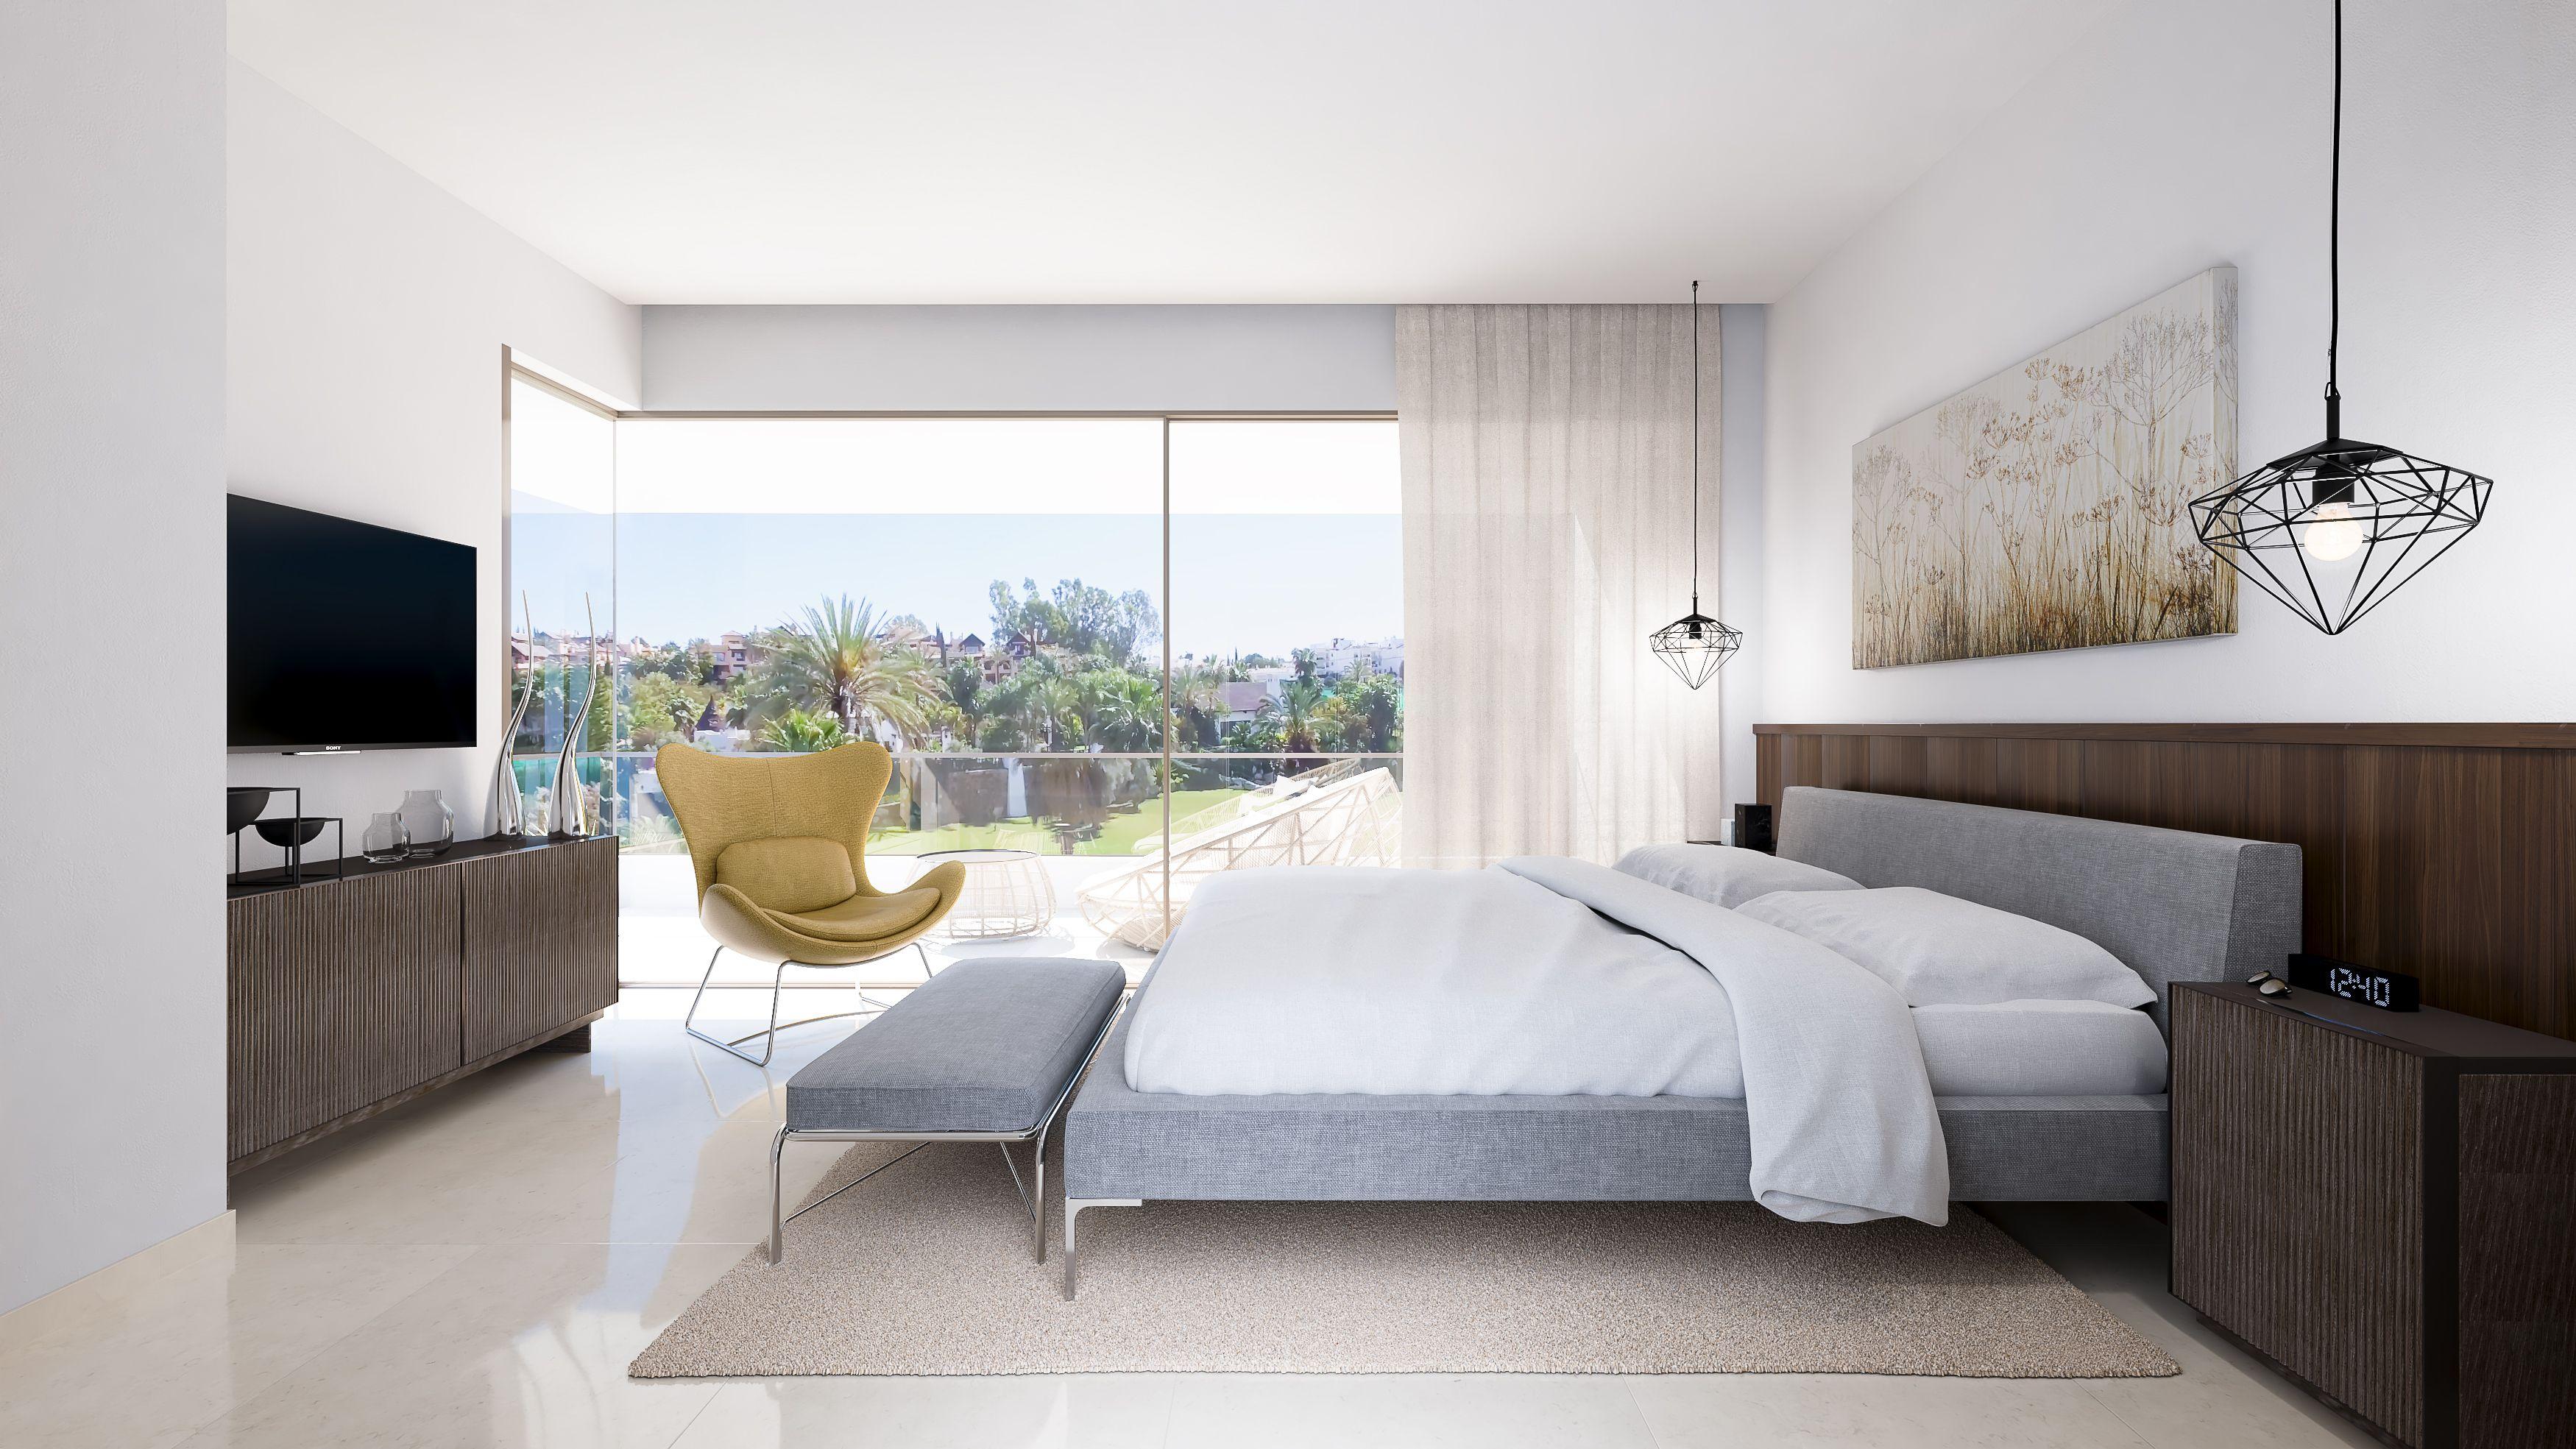 dormitorio-diseño-interior-campanario-marbella